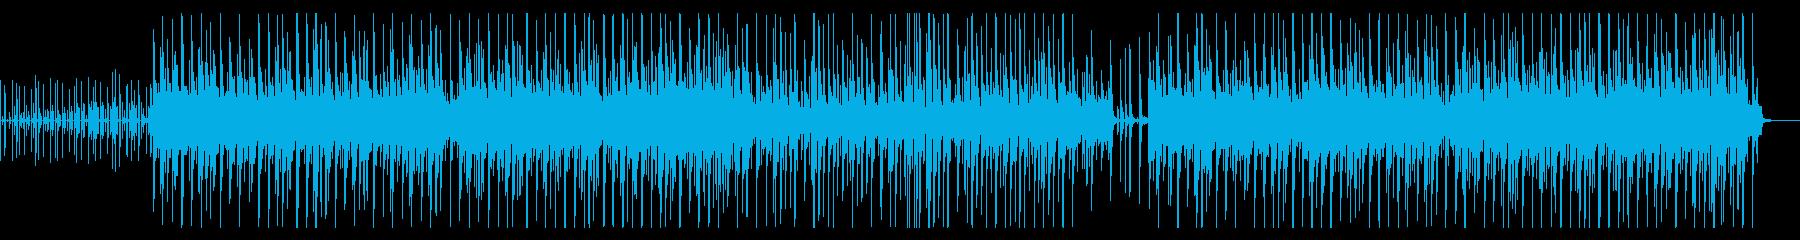 VS Computerの再生済みの波形